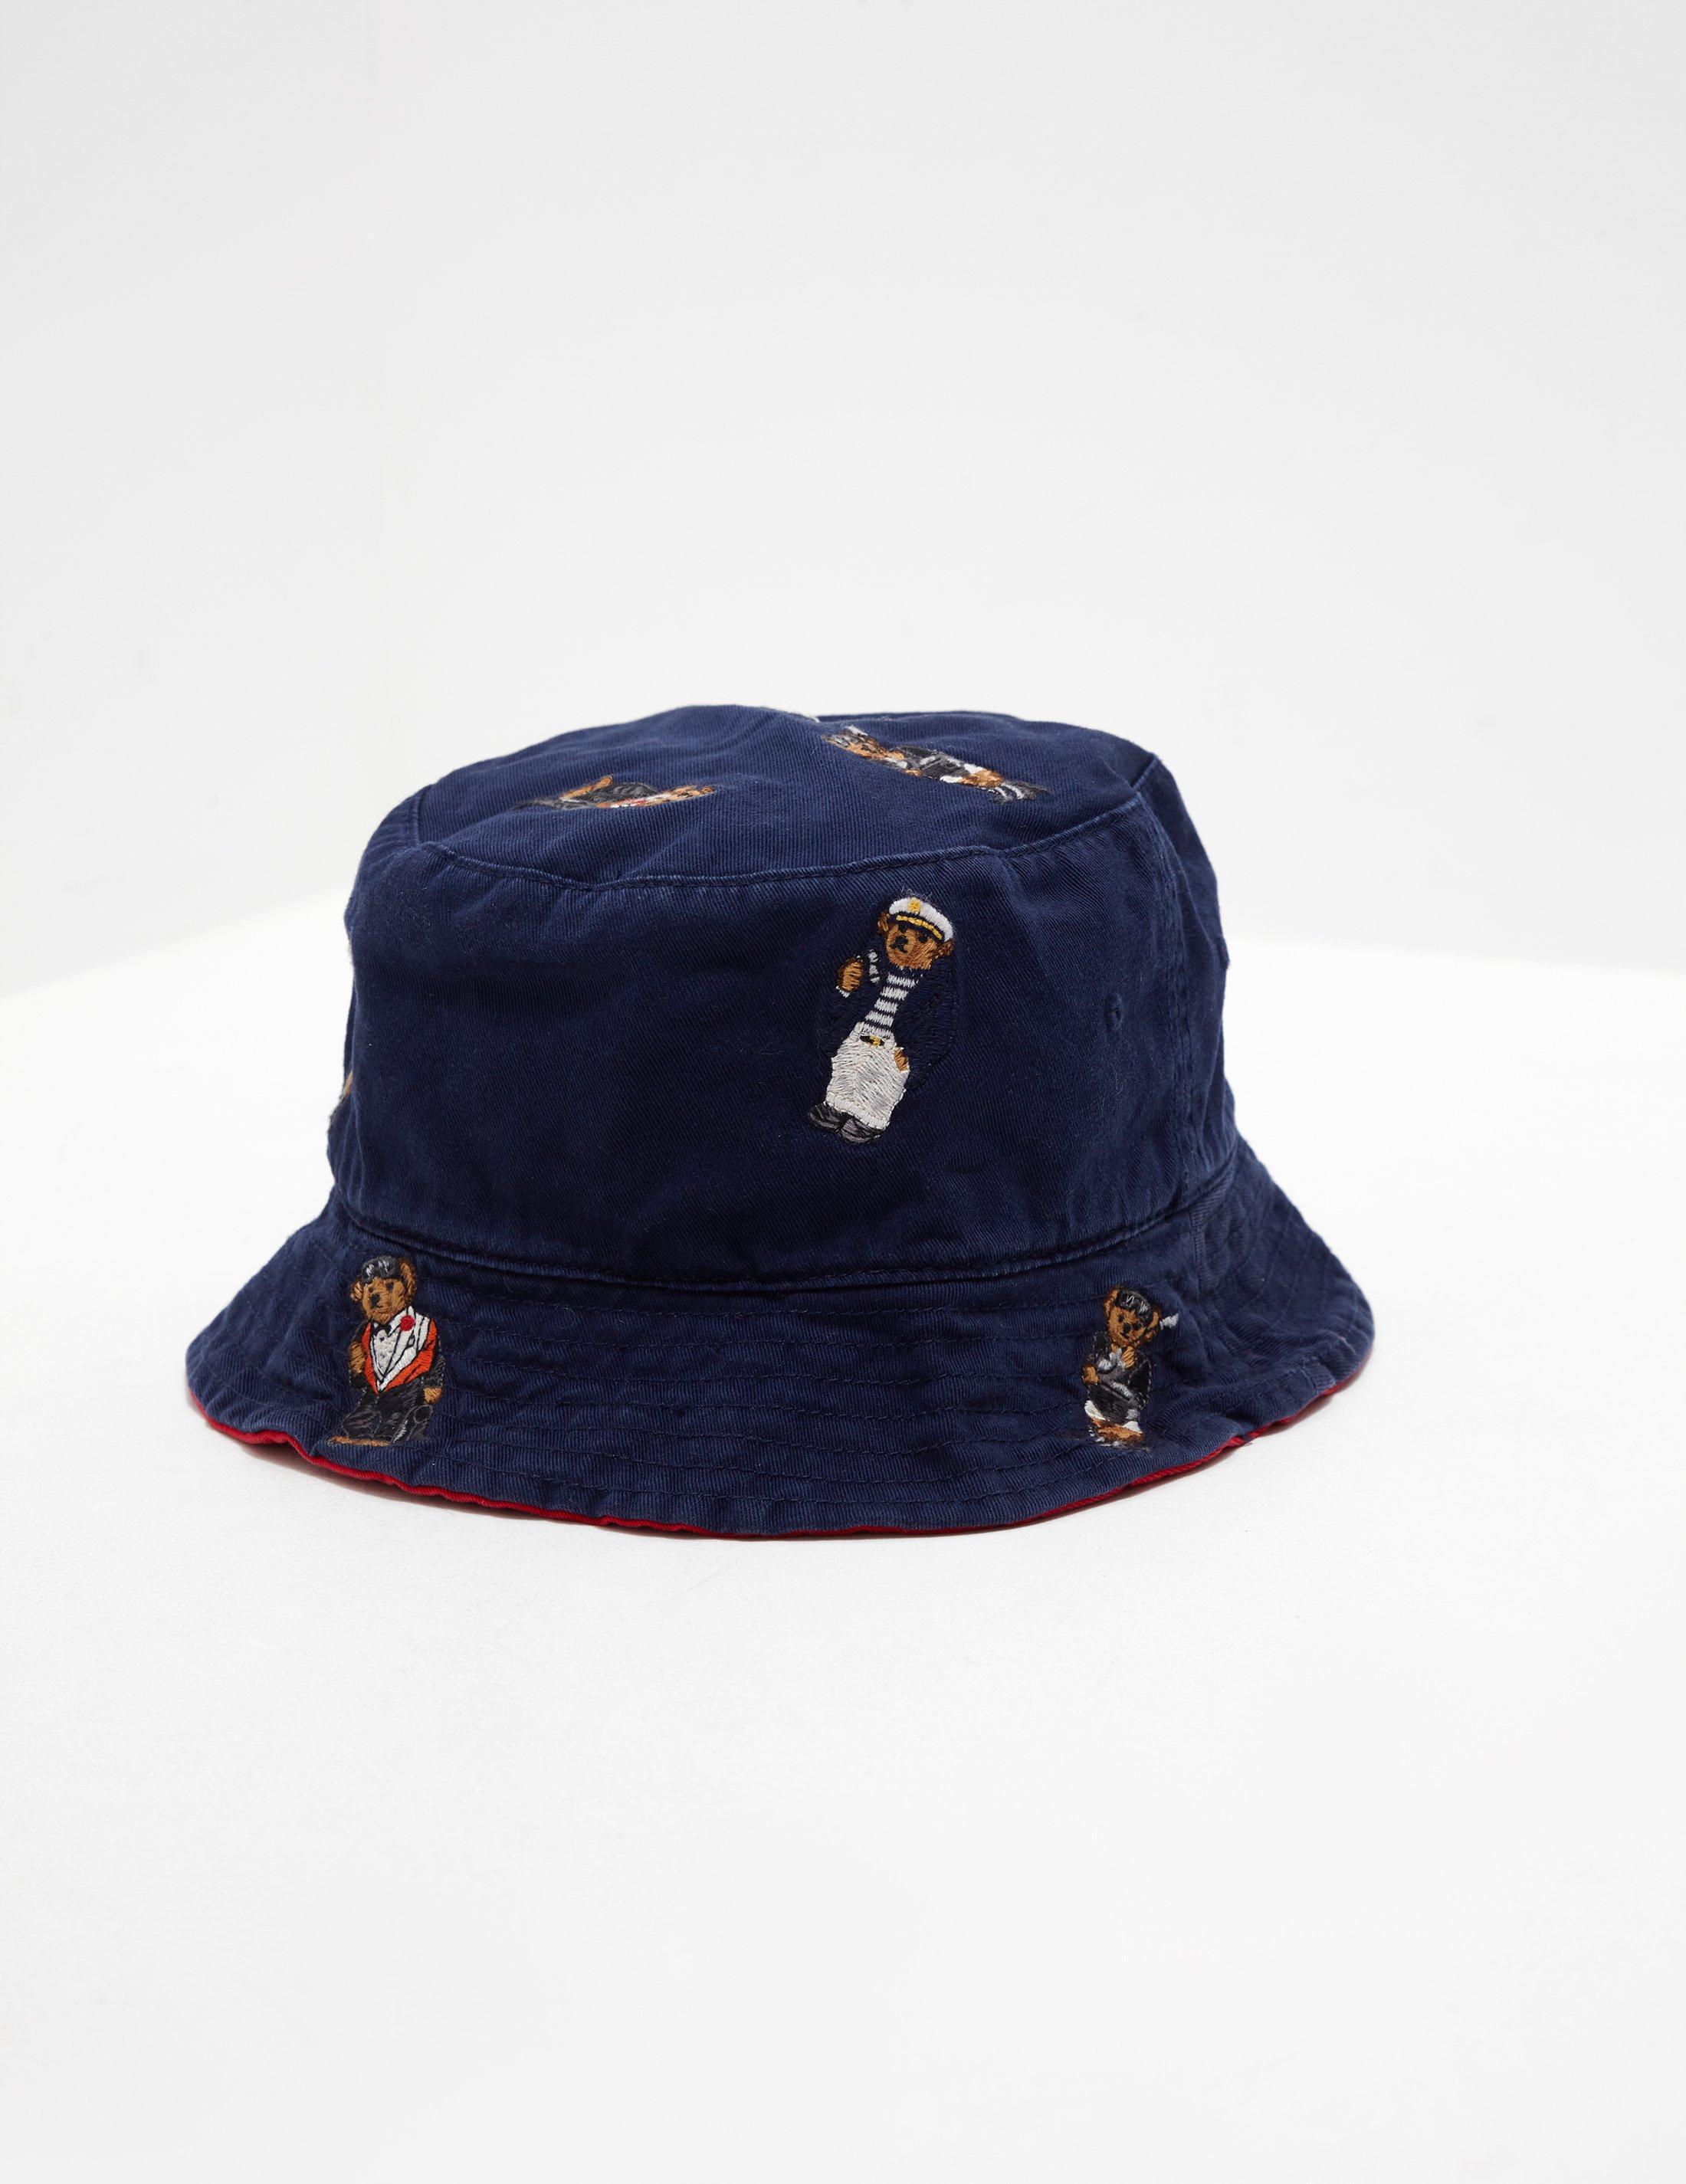 01680ecf8 Polo Ralph Lauren Mens Bear Bucket Hat - Online Exclusive Navy Blue ...